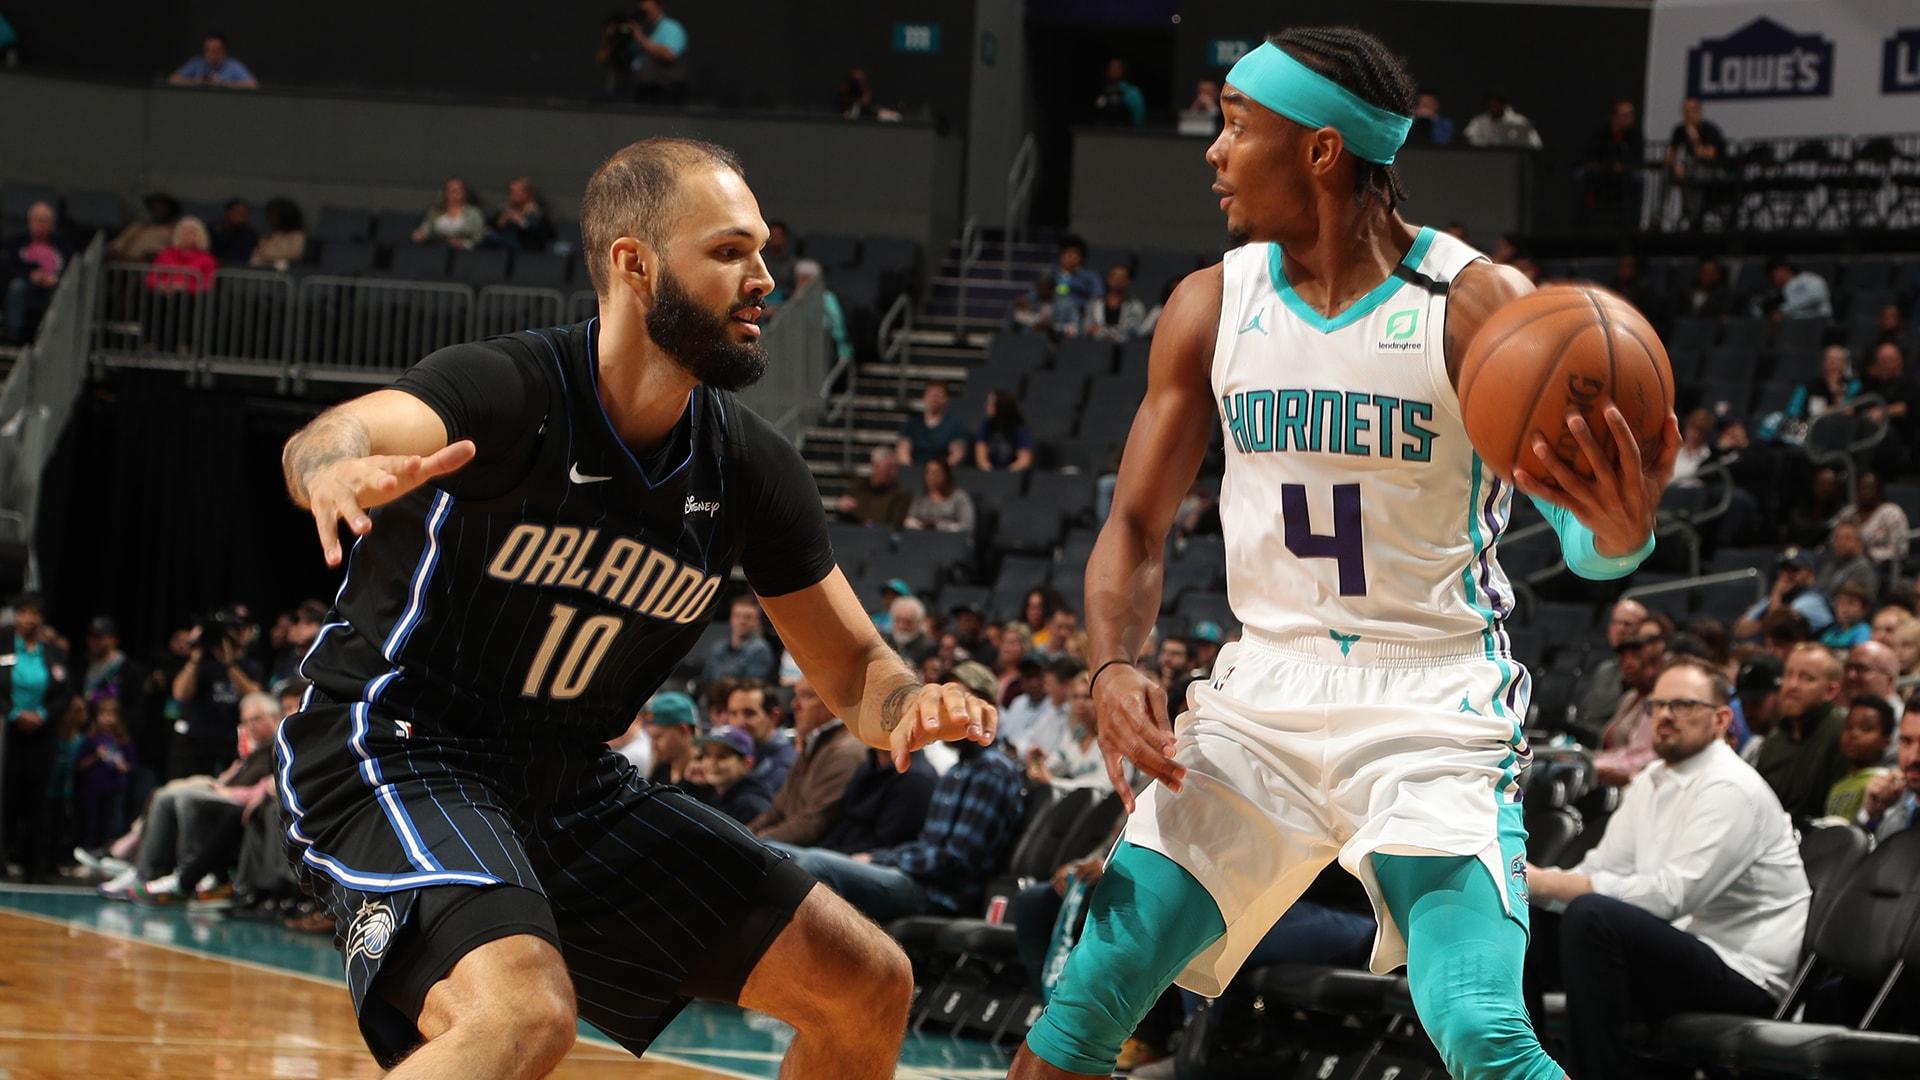 Magic @ Hornets